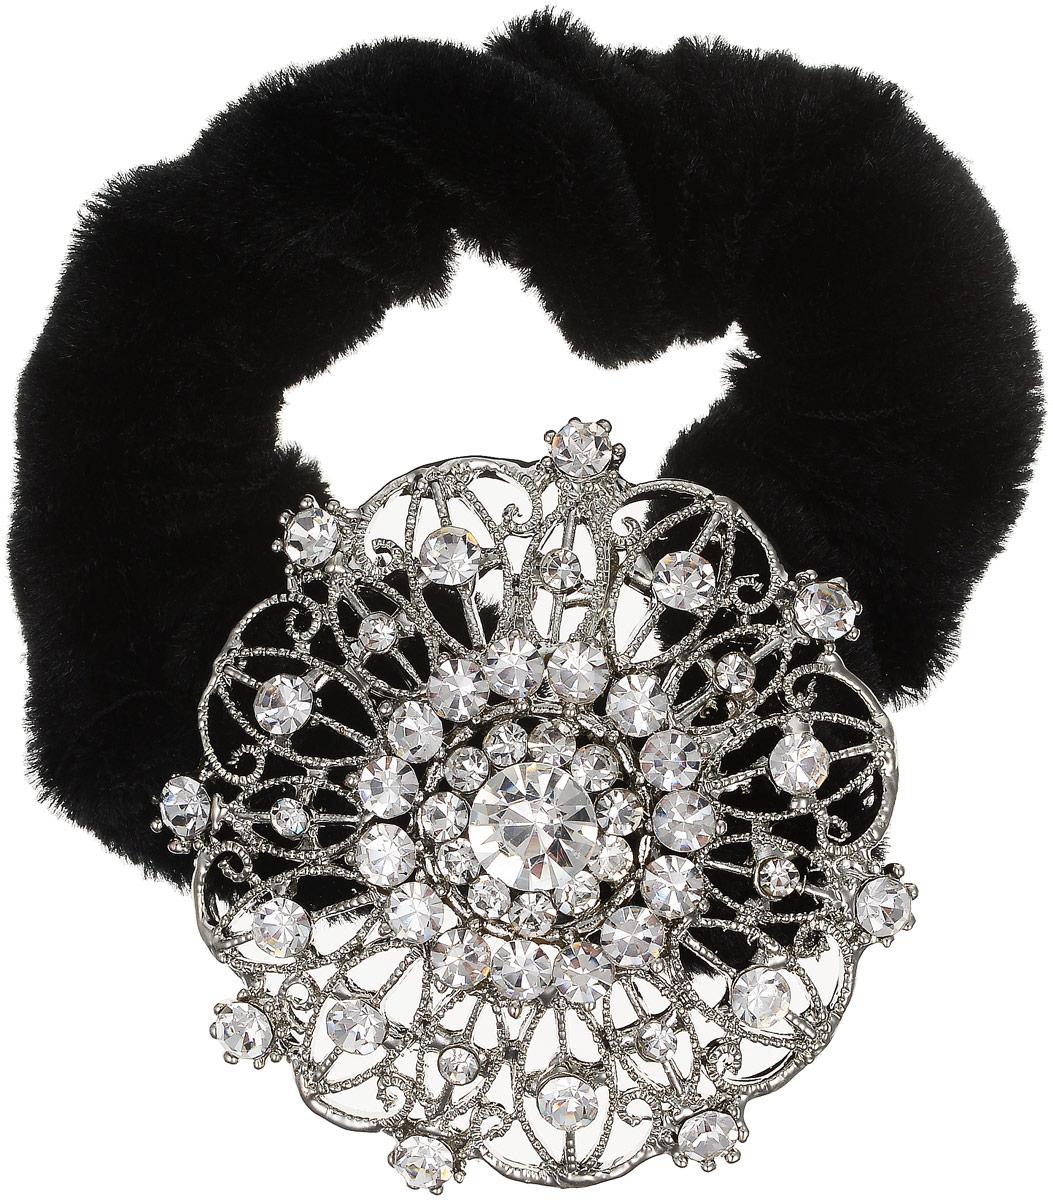 Резинка для волос Fashion House, цвет: черный, серебряный. FH33206FH33206Роскошная резинка для волос Fashion House подчеркнет красоту вашей прически. Изделие выполнено из мягкого бархата и дополнено крупным металлическим декоративным элементом, украшенным стразами. Такая стильная резинка для волос добавит шарма в повседневный образ и станет практичным аксессуаром, с помощью которого вы сможете создавать креативные прически разных типов и стилей.